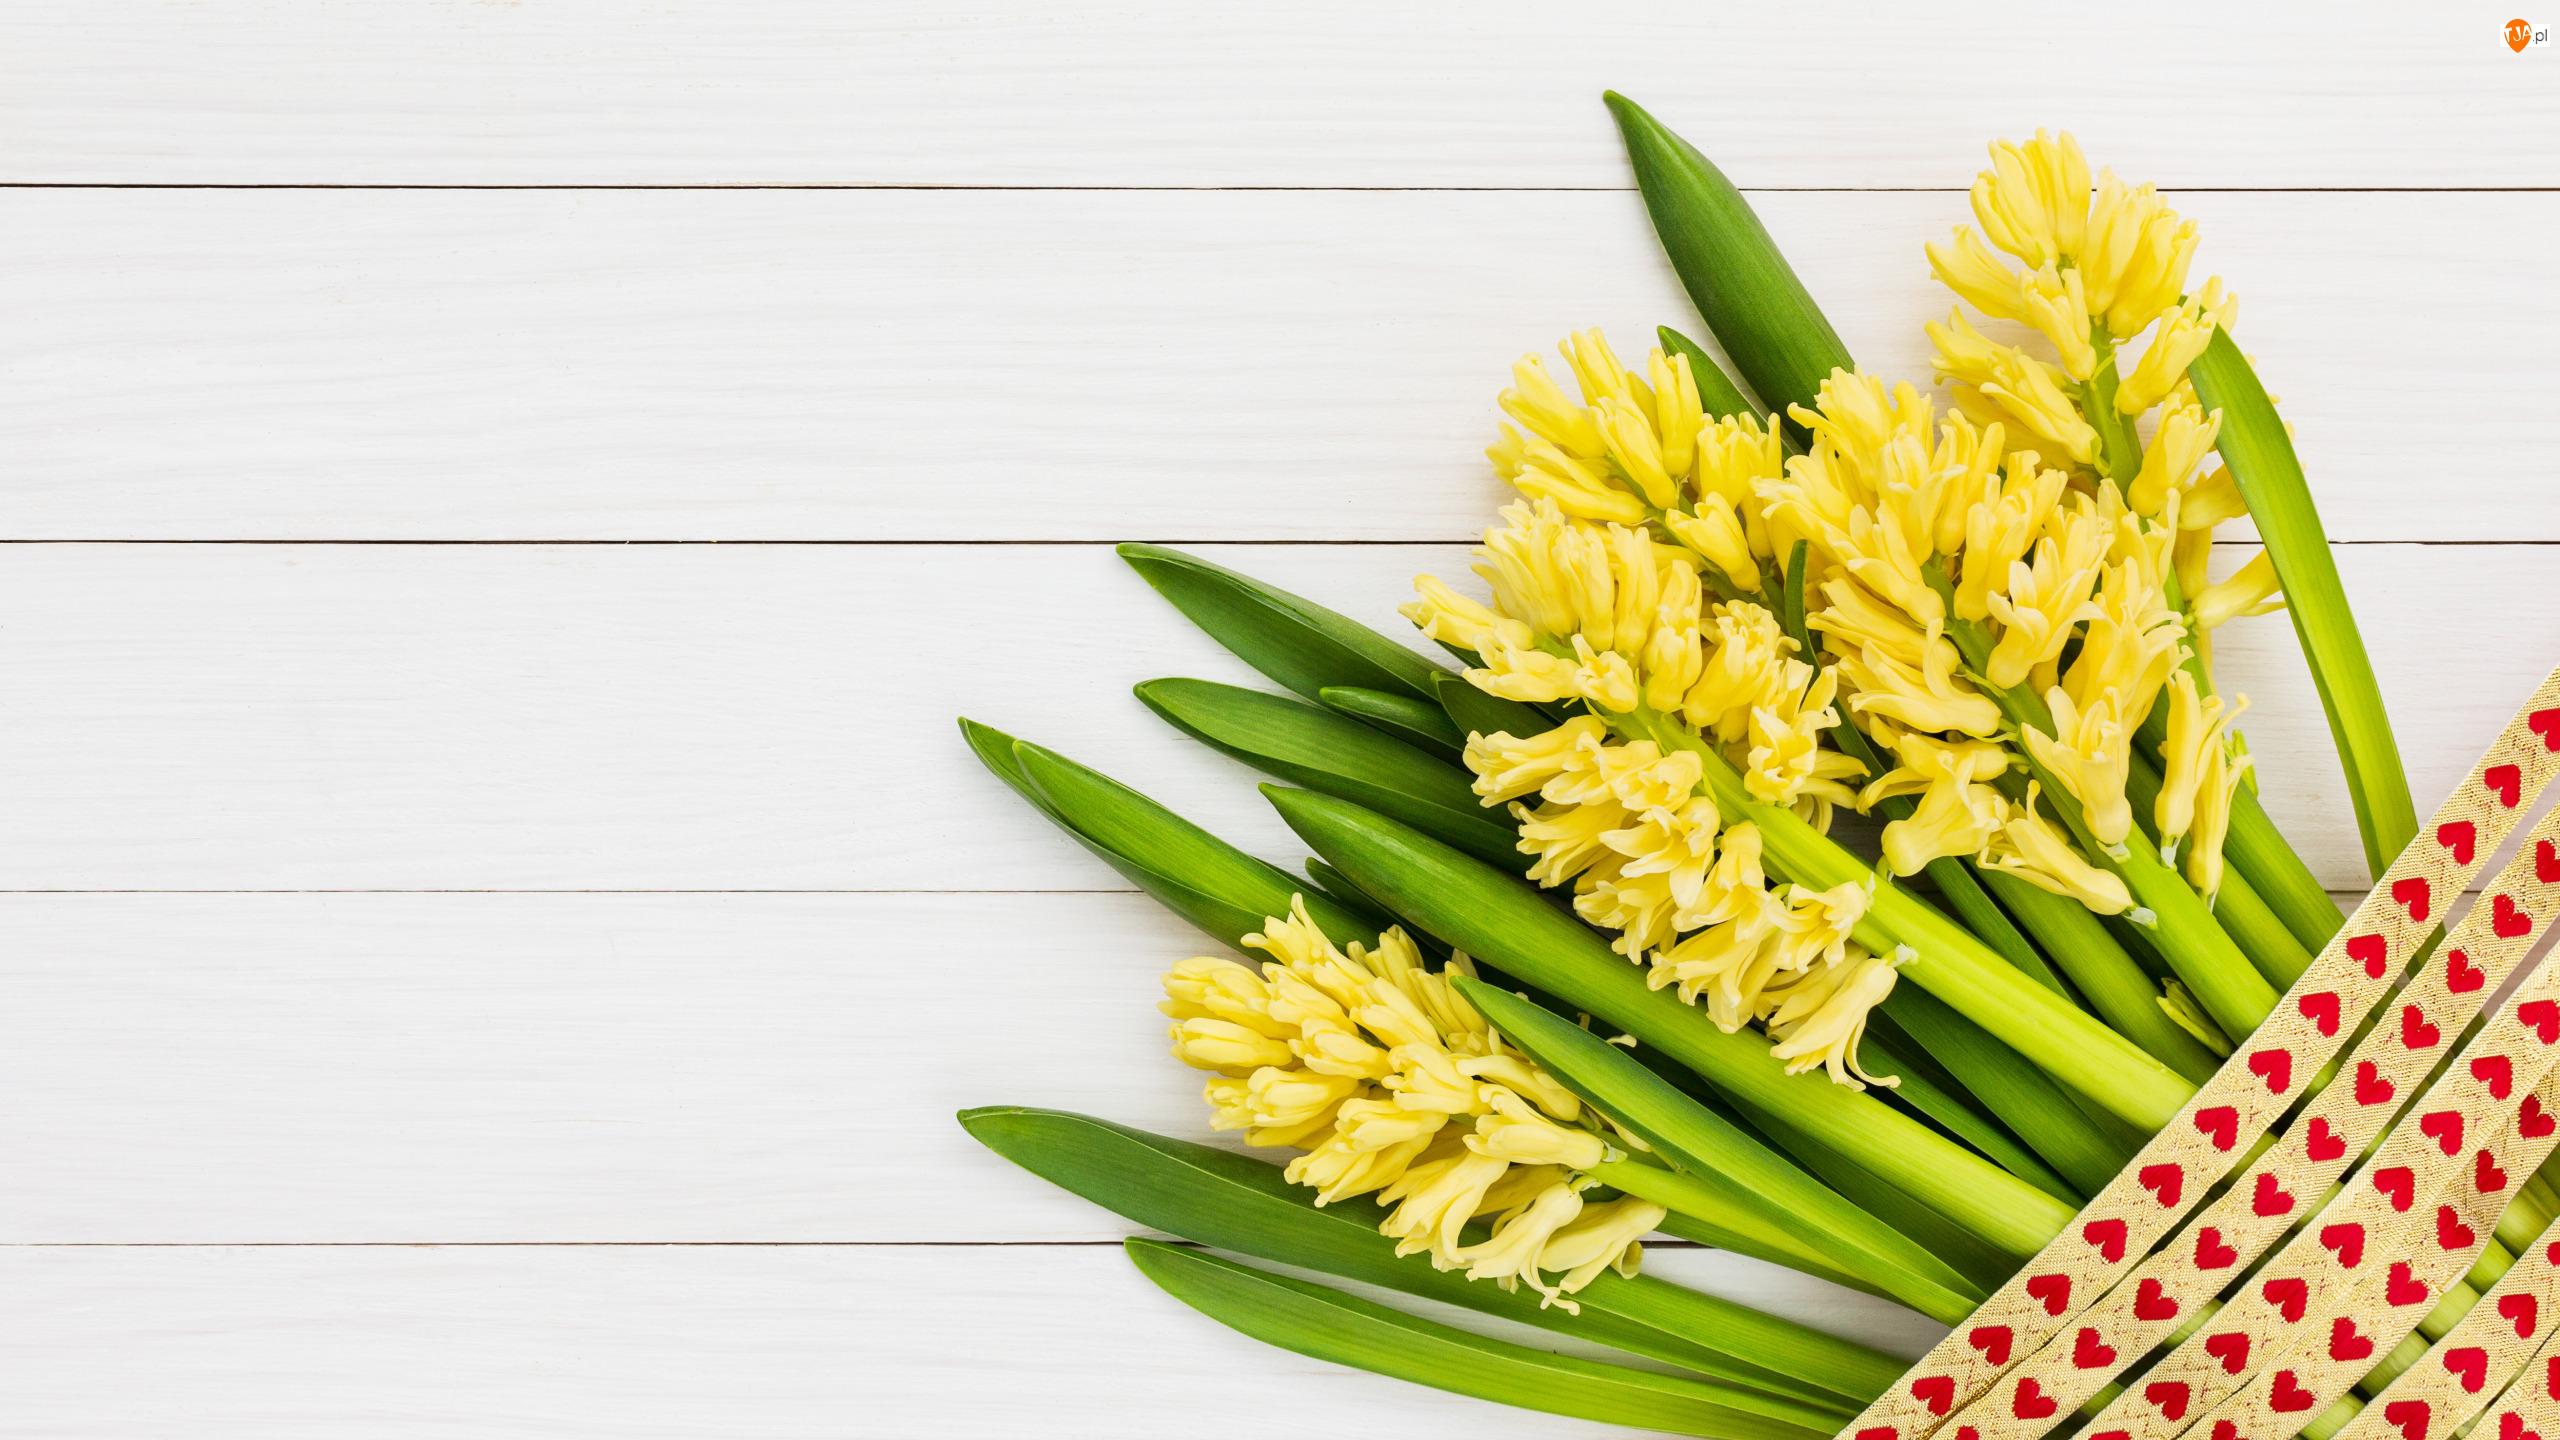 Wstążka, Kwiaty, Żółte, Hiacynty